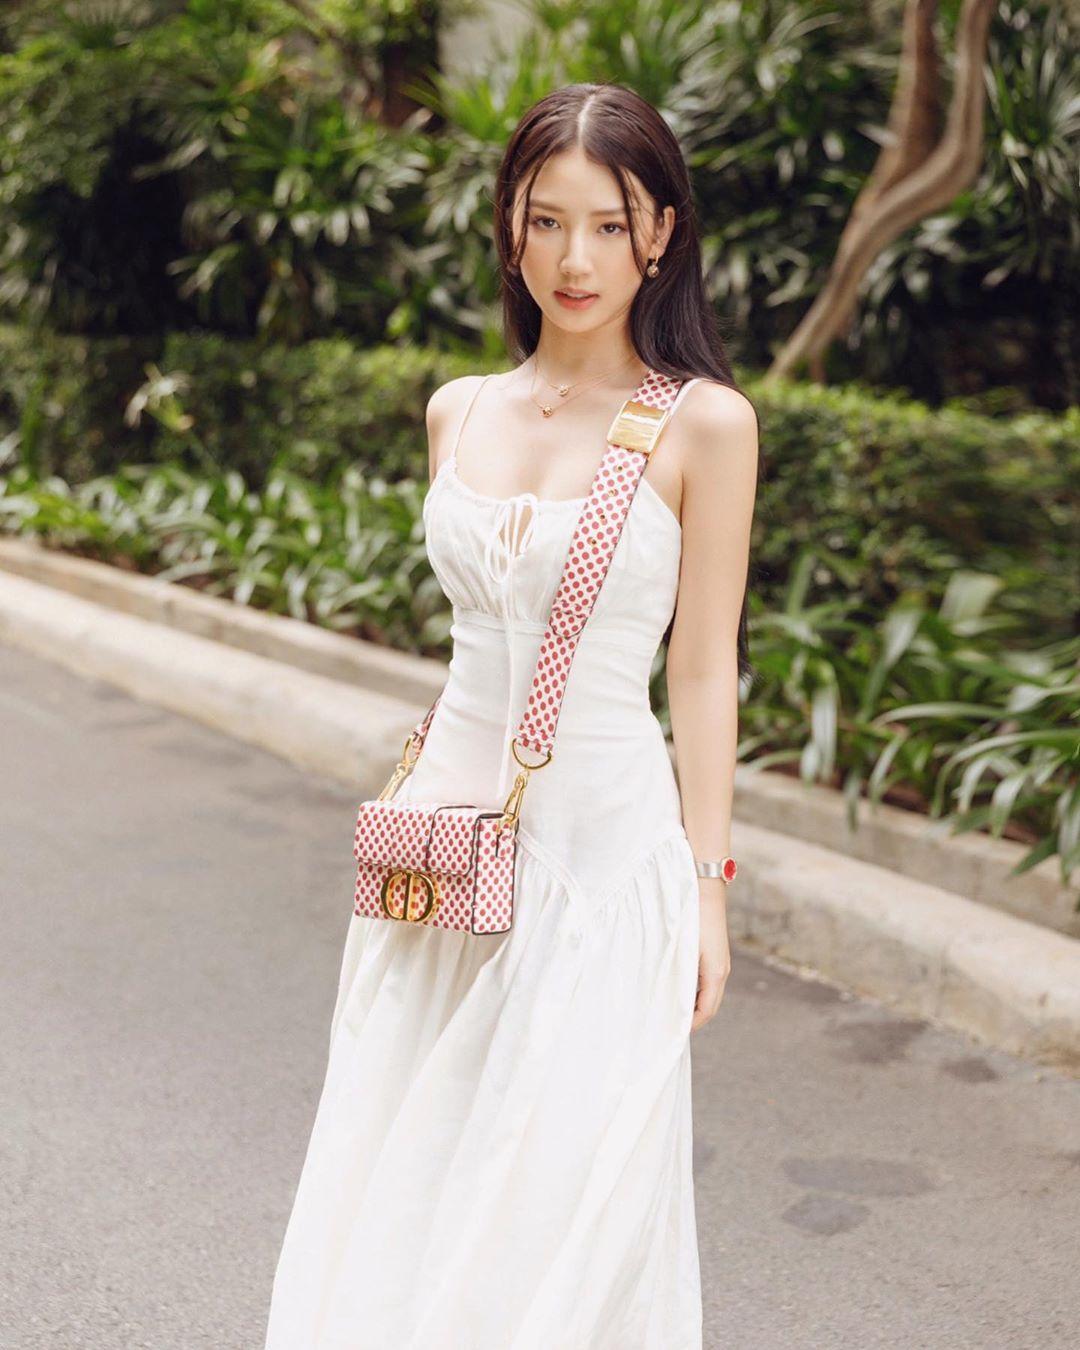 """Trời se lạnh mà """"quẩy"""" váy dáng dài là style sẽ yêu kiều như gái Pháp, điểm sang chảnh cũng tăng ngùn ngụt - Ảnh 4."""